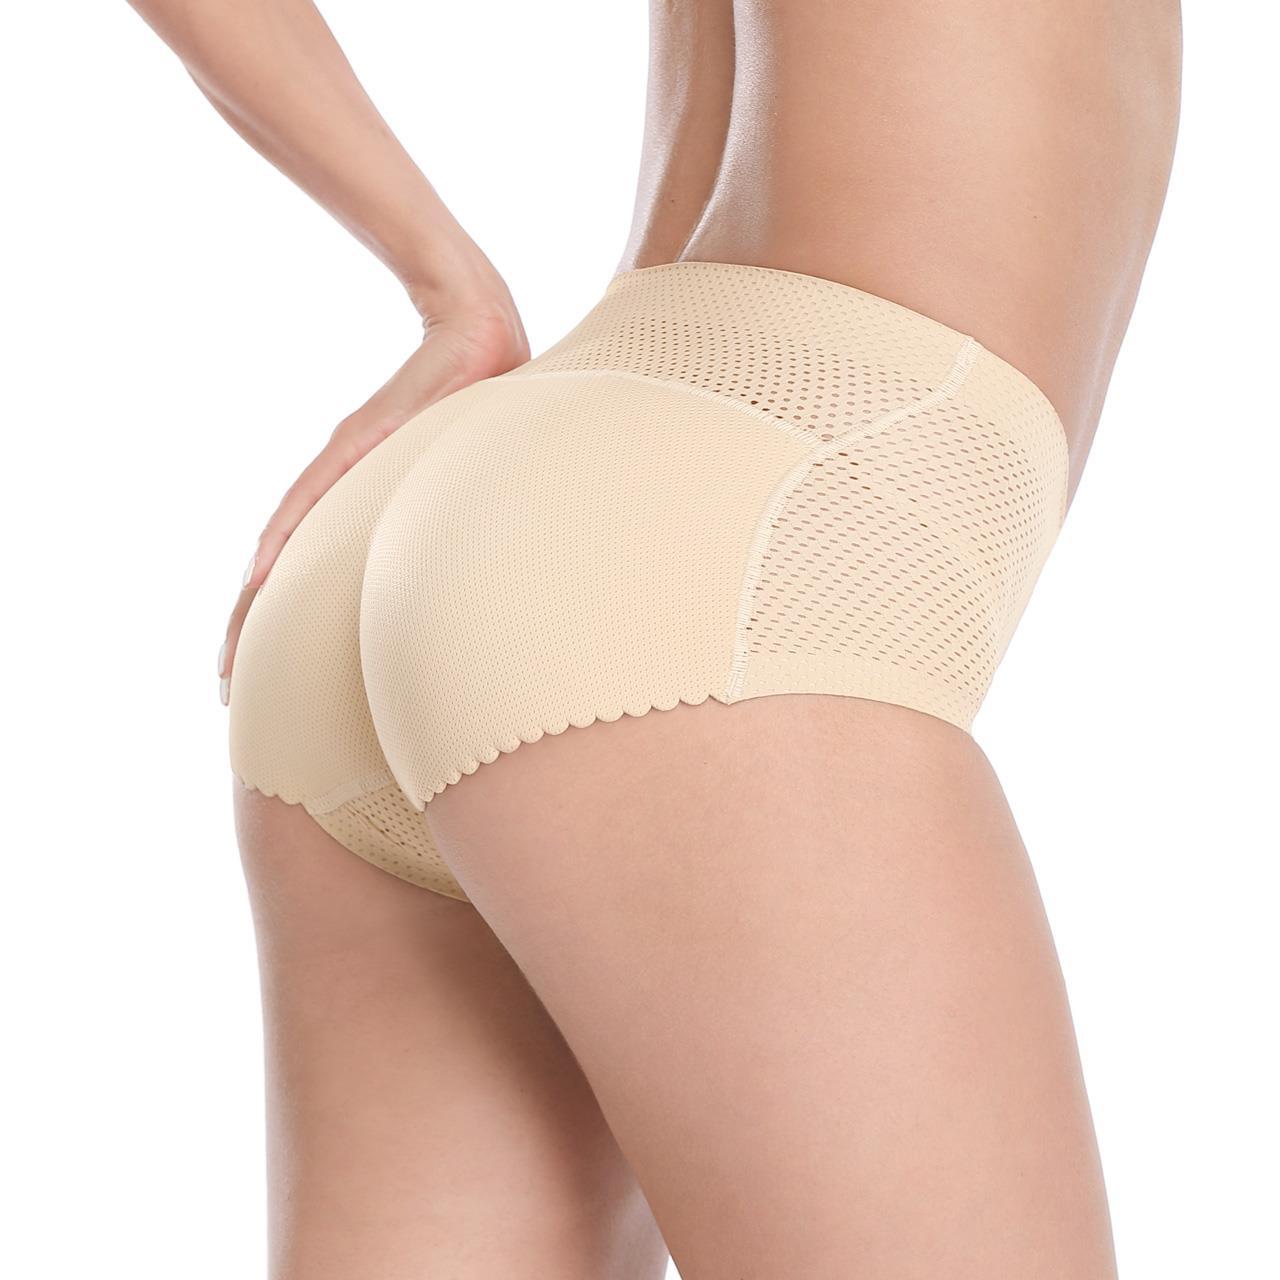 丁字裤内裤丰臀裤肤色蜜桃臀臀垫翘臀性感无痕女士提臀薄款夏季蕾